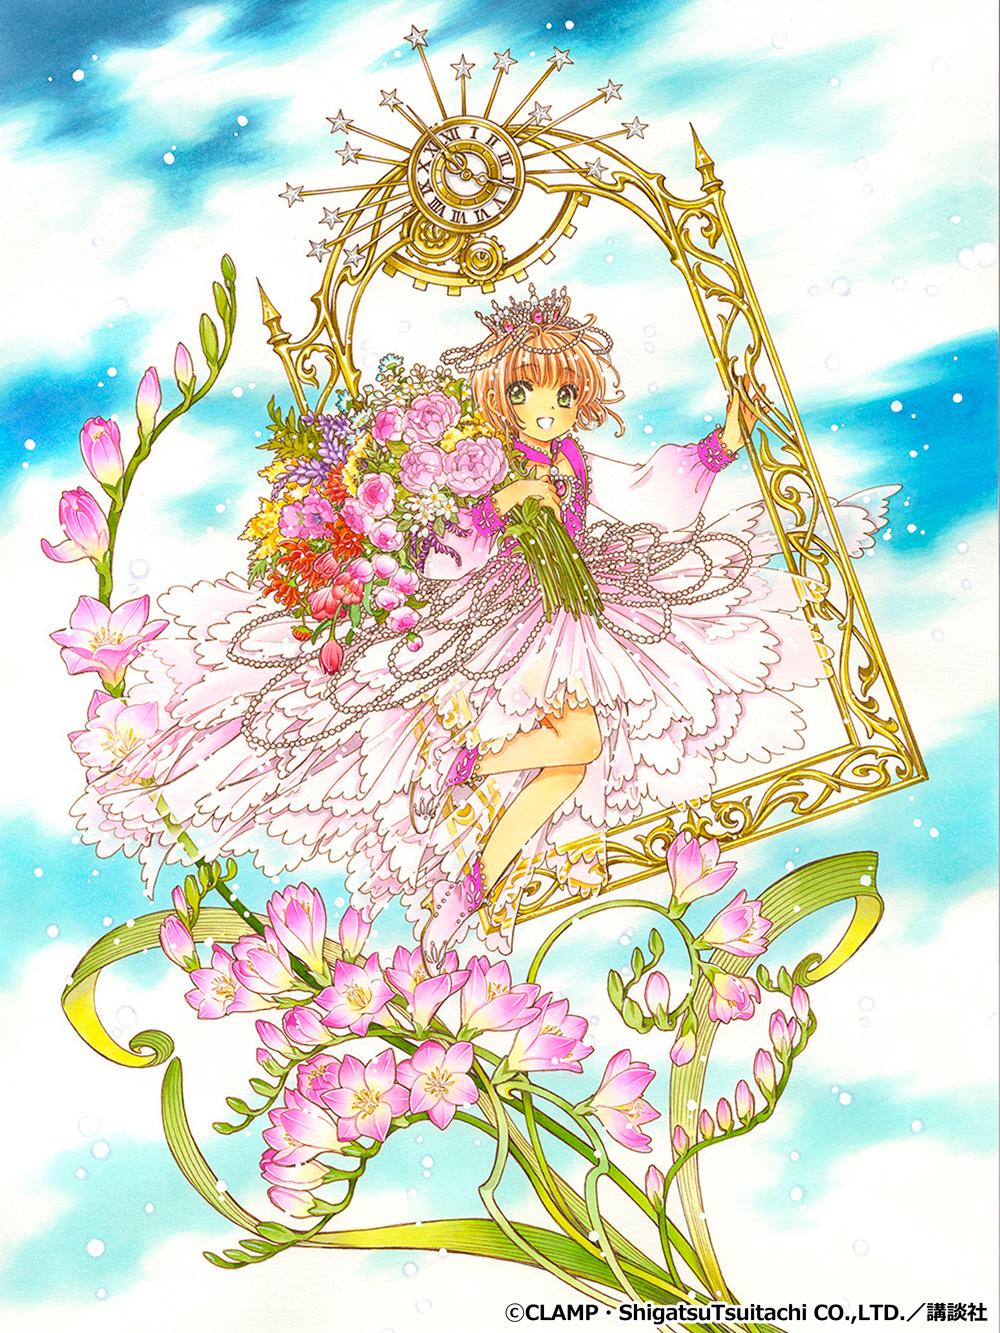 「カードキャプターさくら」ねんどろいど 木之本桜 Always Together ~ Pinky Promise ~CLAMP描き下ろし